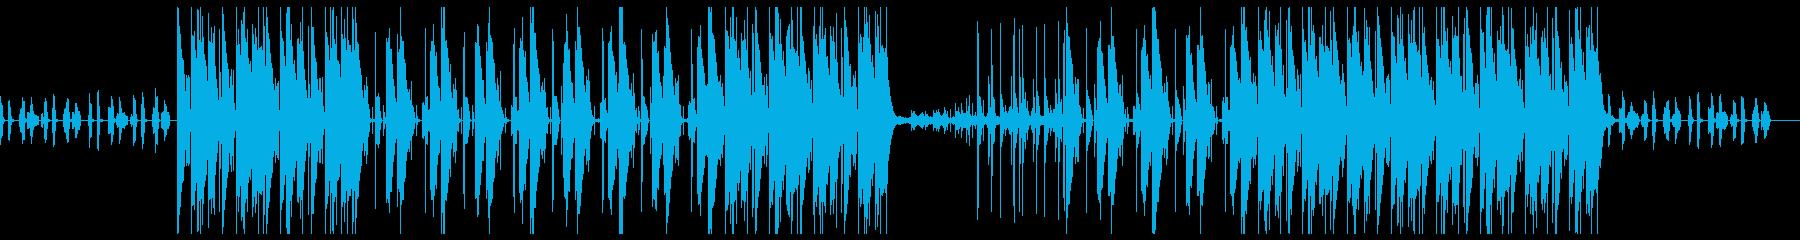 切ない シンセ トラップビートの再生済みの波形